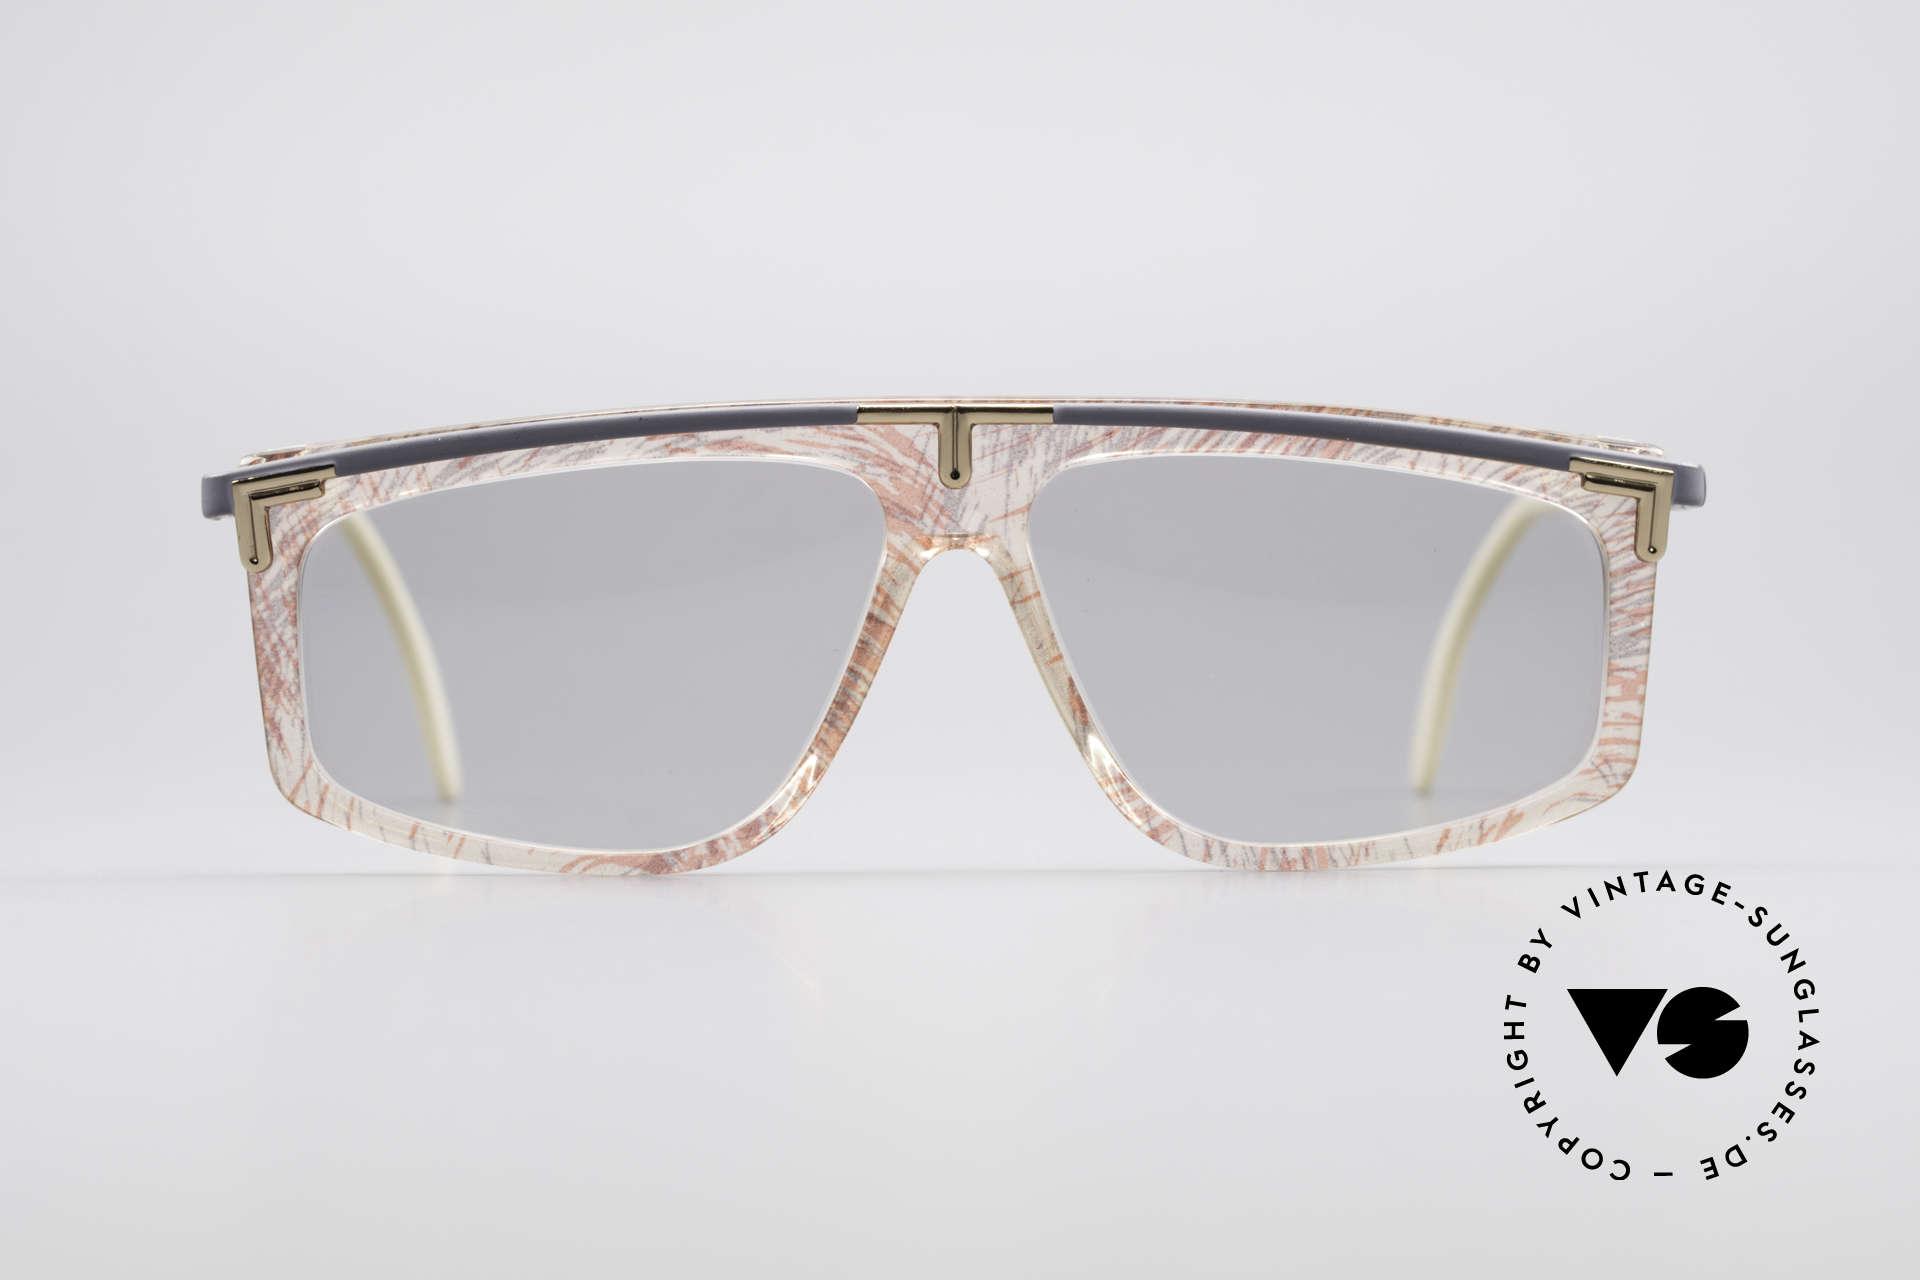 Cazal 190 80er Hip Hop Sonnenbrille, ungewöhnliche Rahmengestaltung von CAri ZALloni, Passend für Herren und Damen